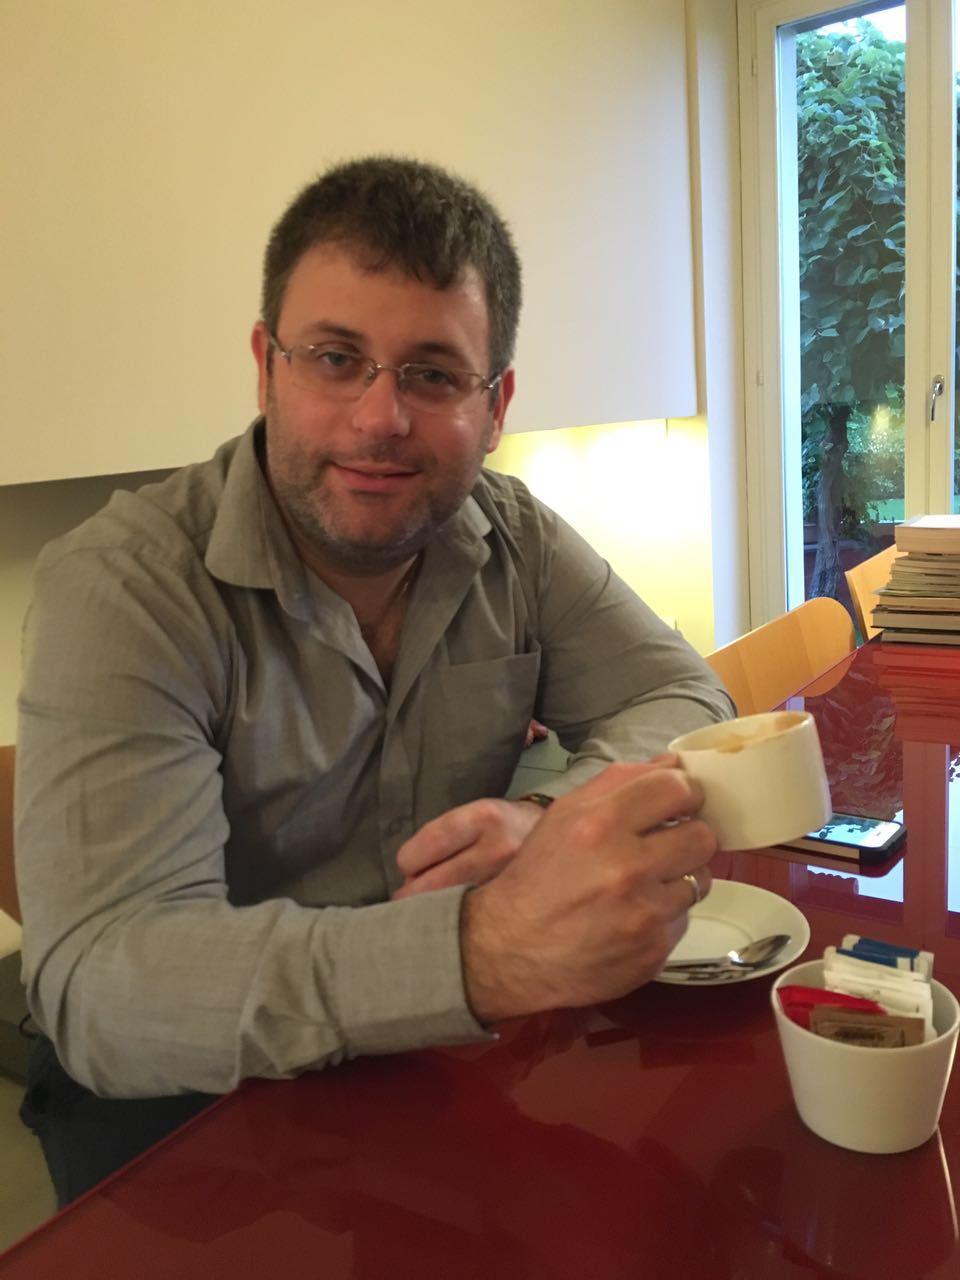 """ד""""ר אבישי זפרן מומחה ברפואה פיזיקלית ושיקום, מומחה בכירורגיה אורתופדית"""